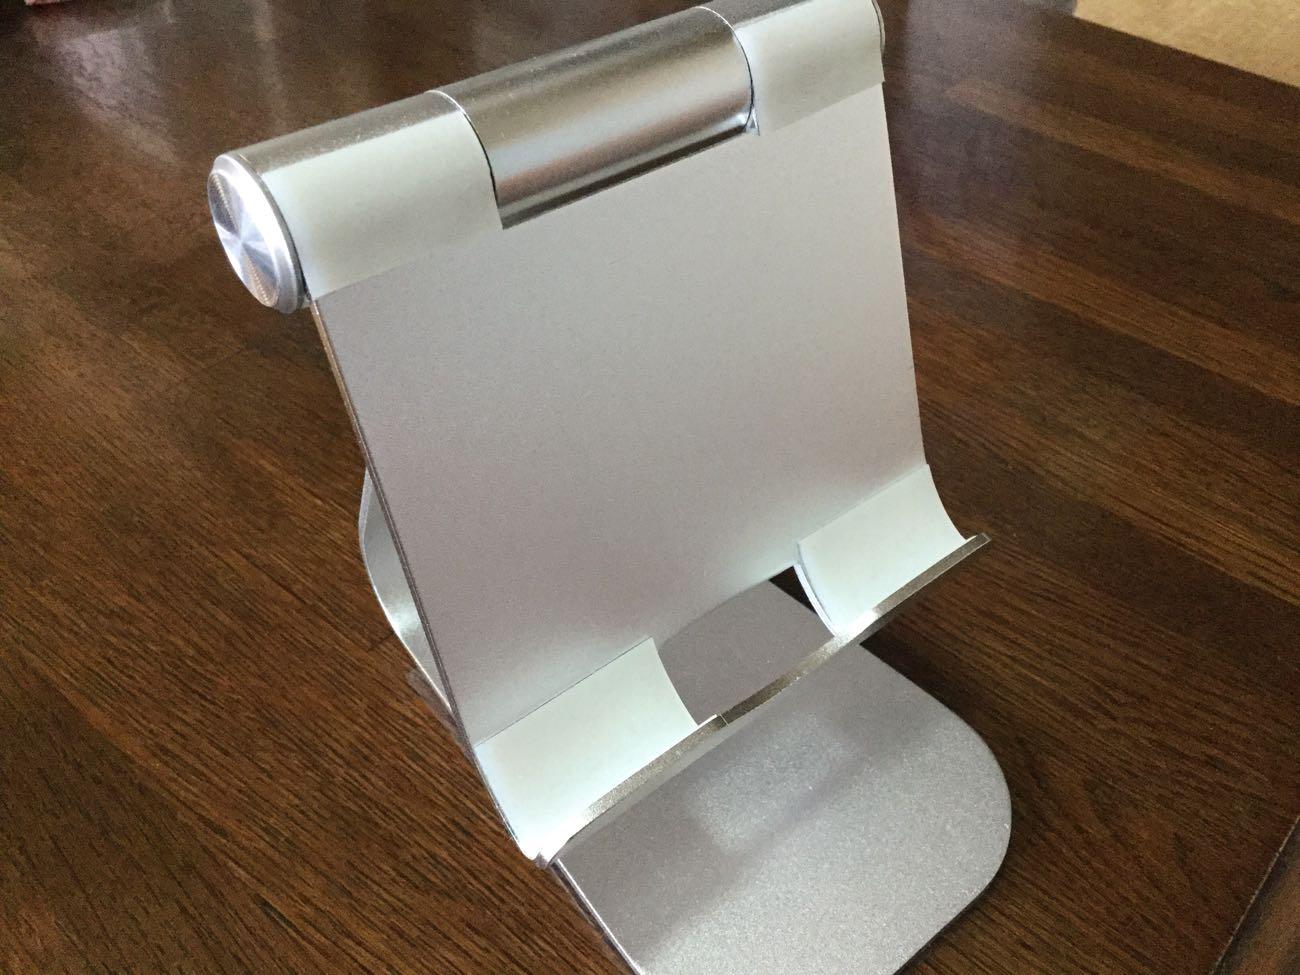 iPad Proのスタンド